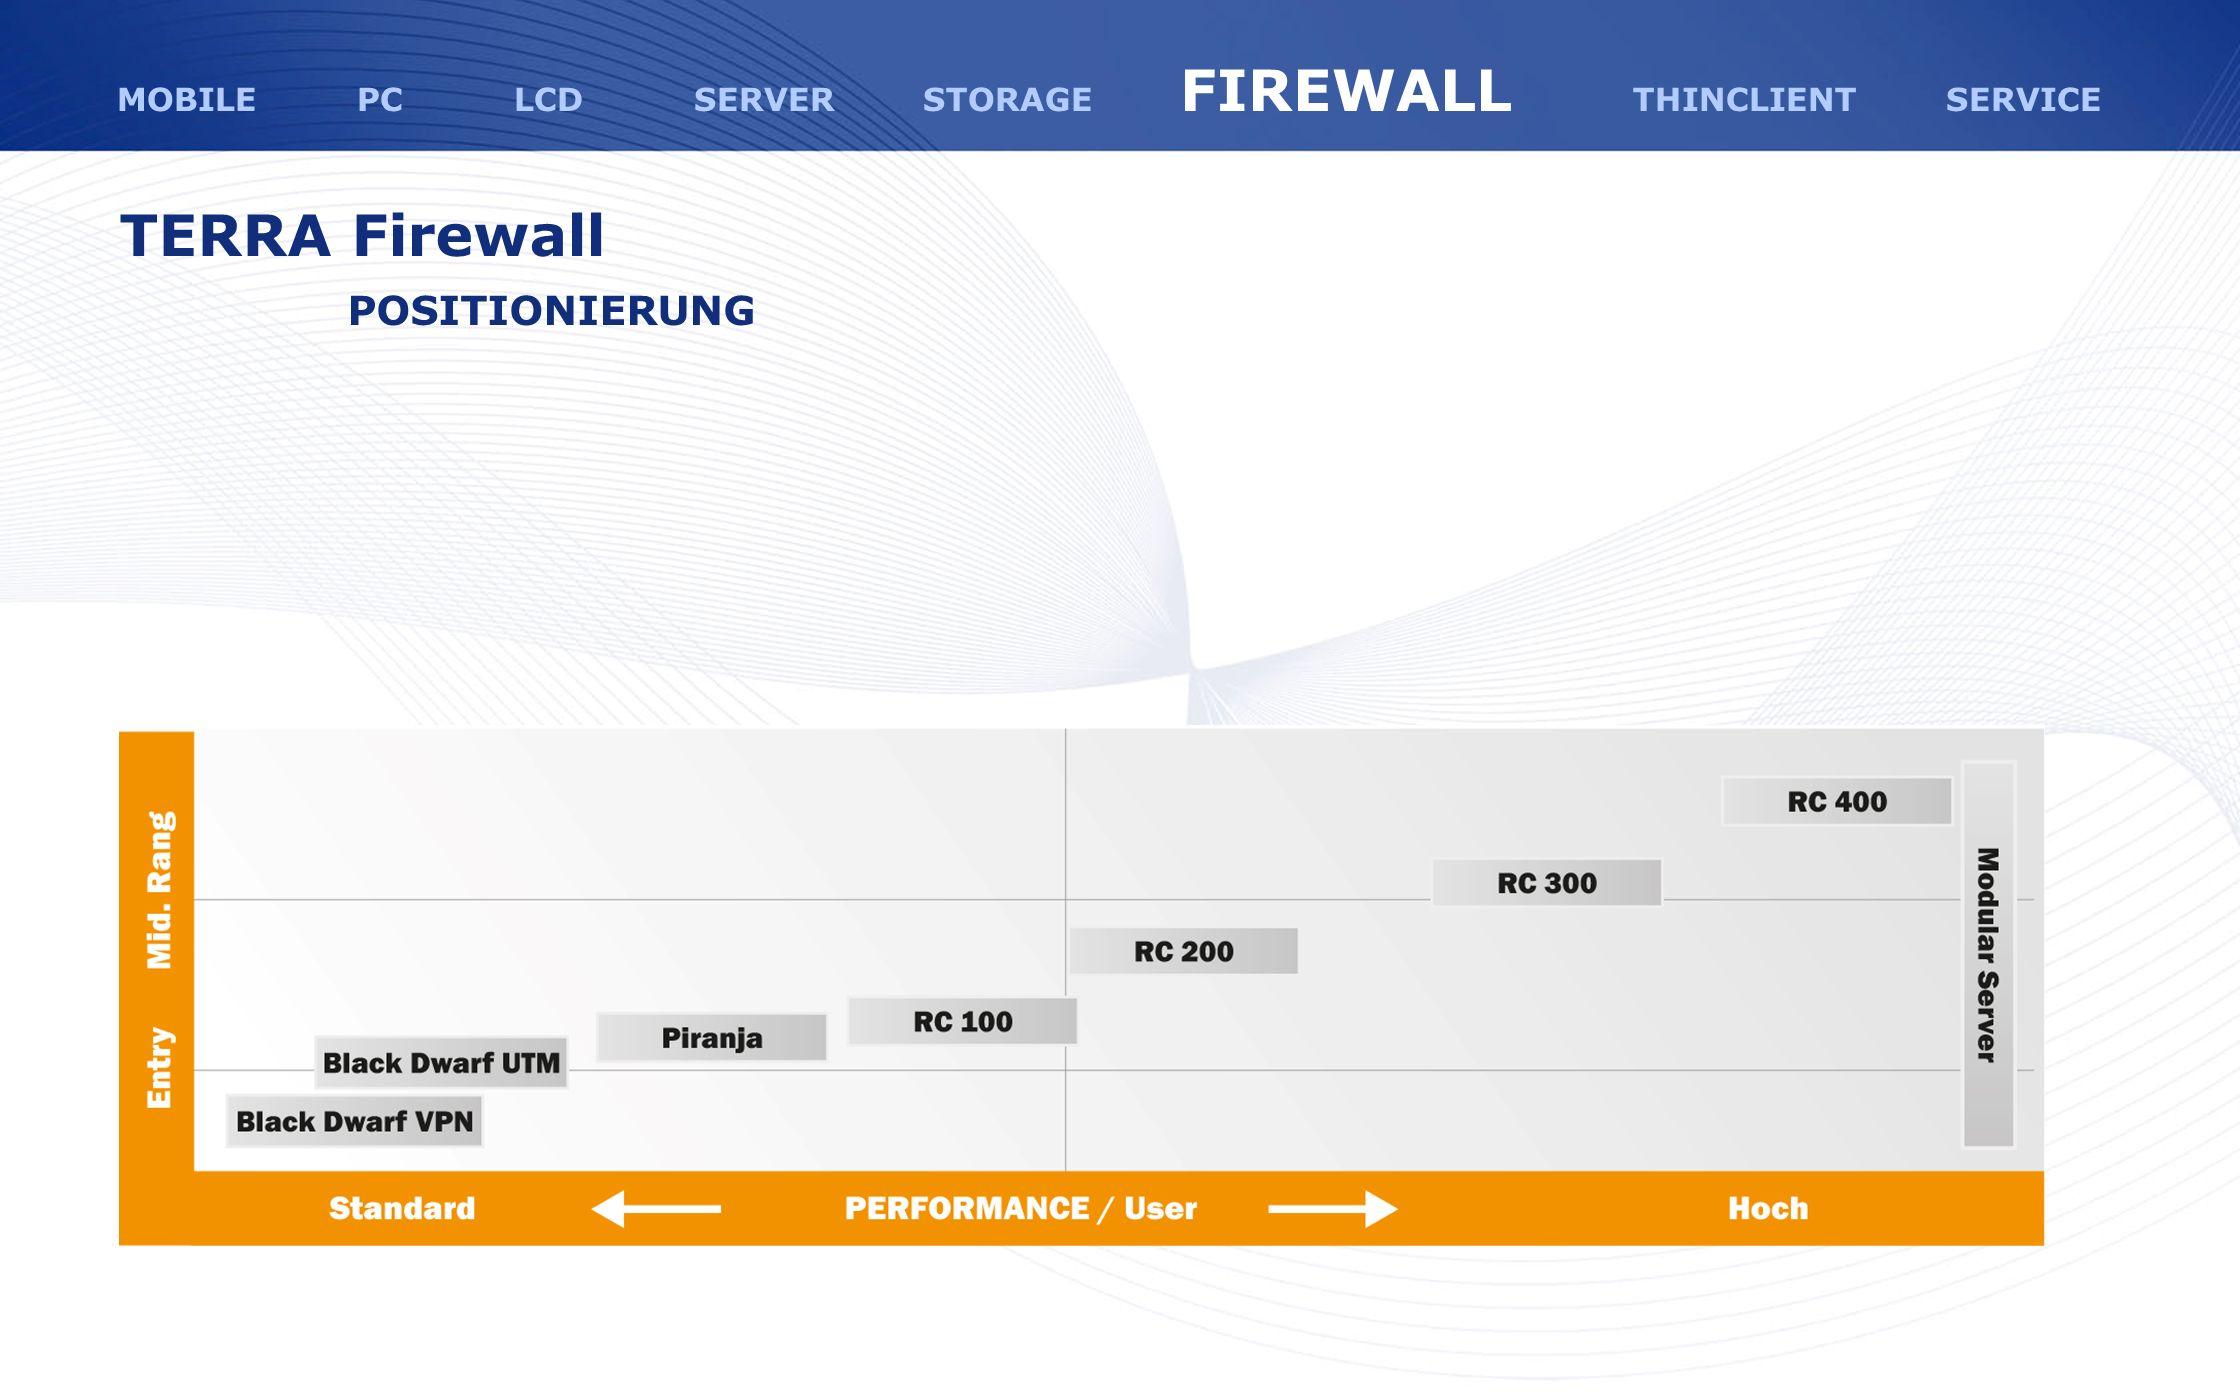 TERRA Firewall POSITIONIERUNG